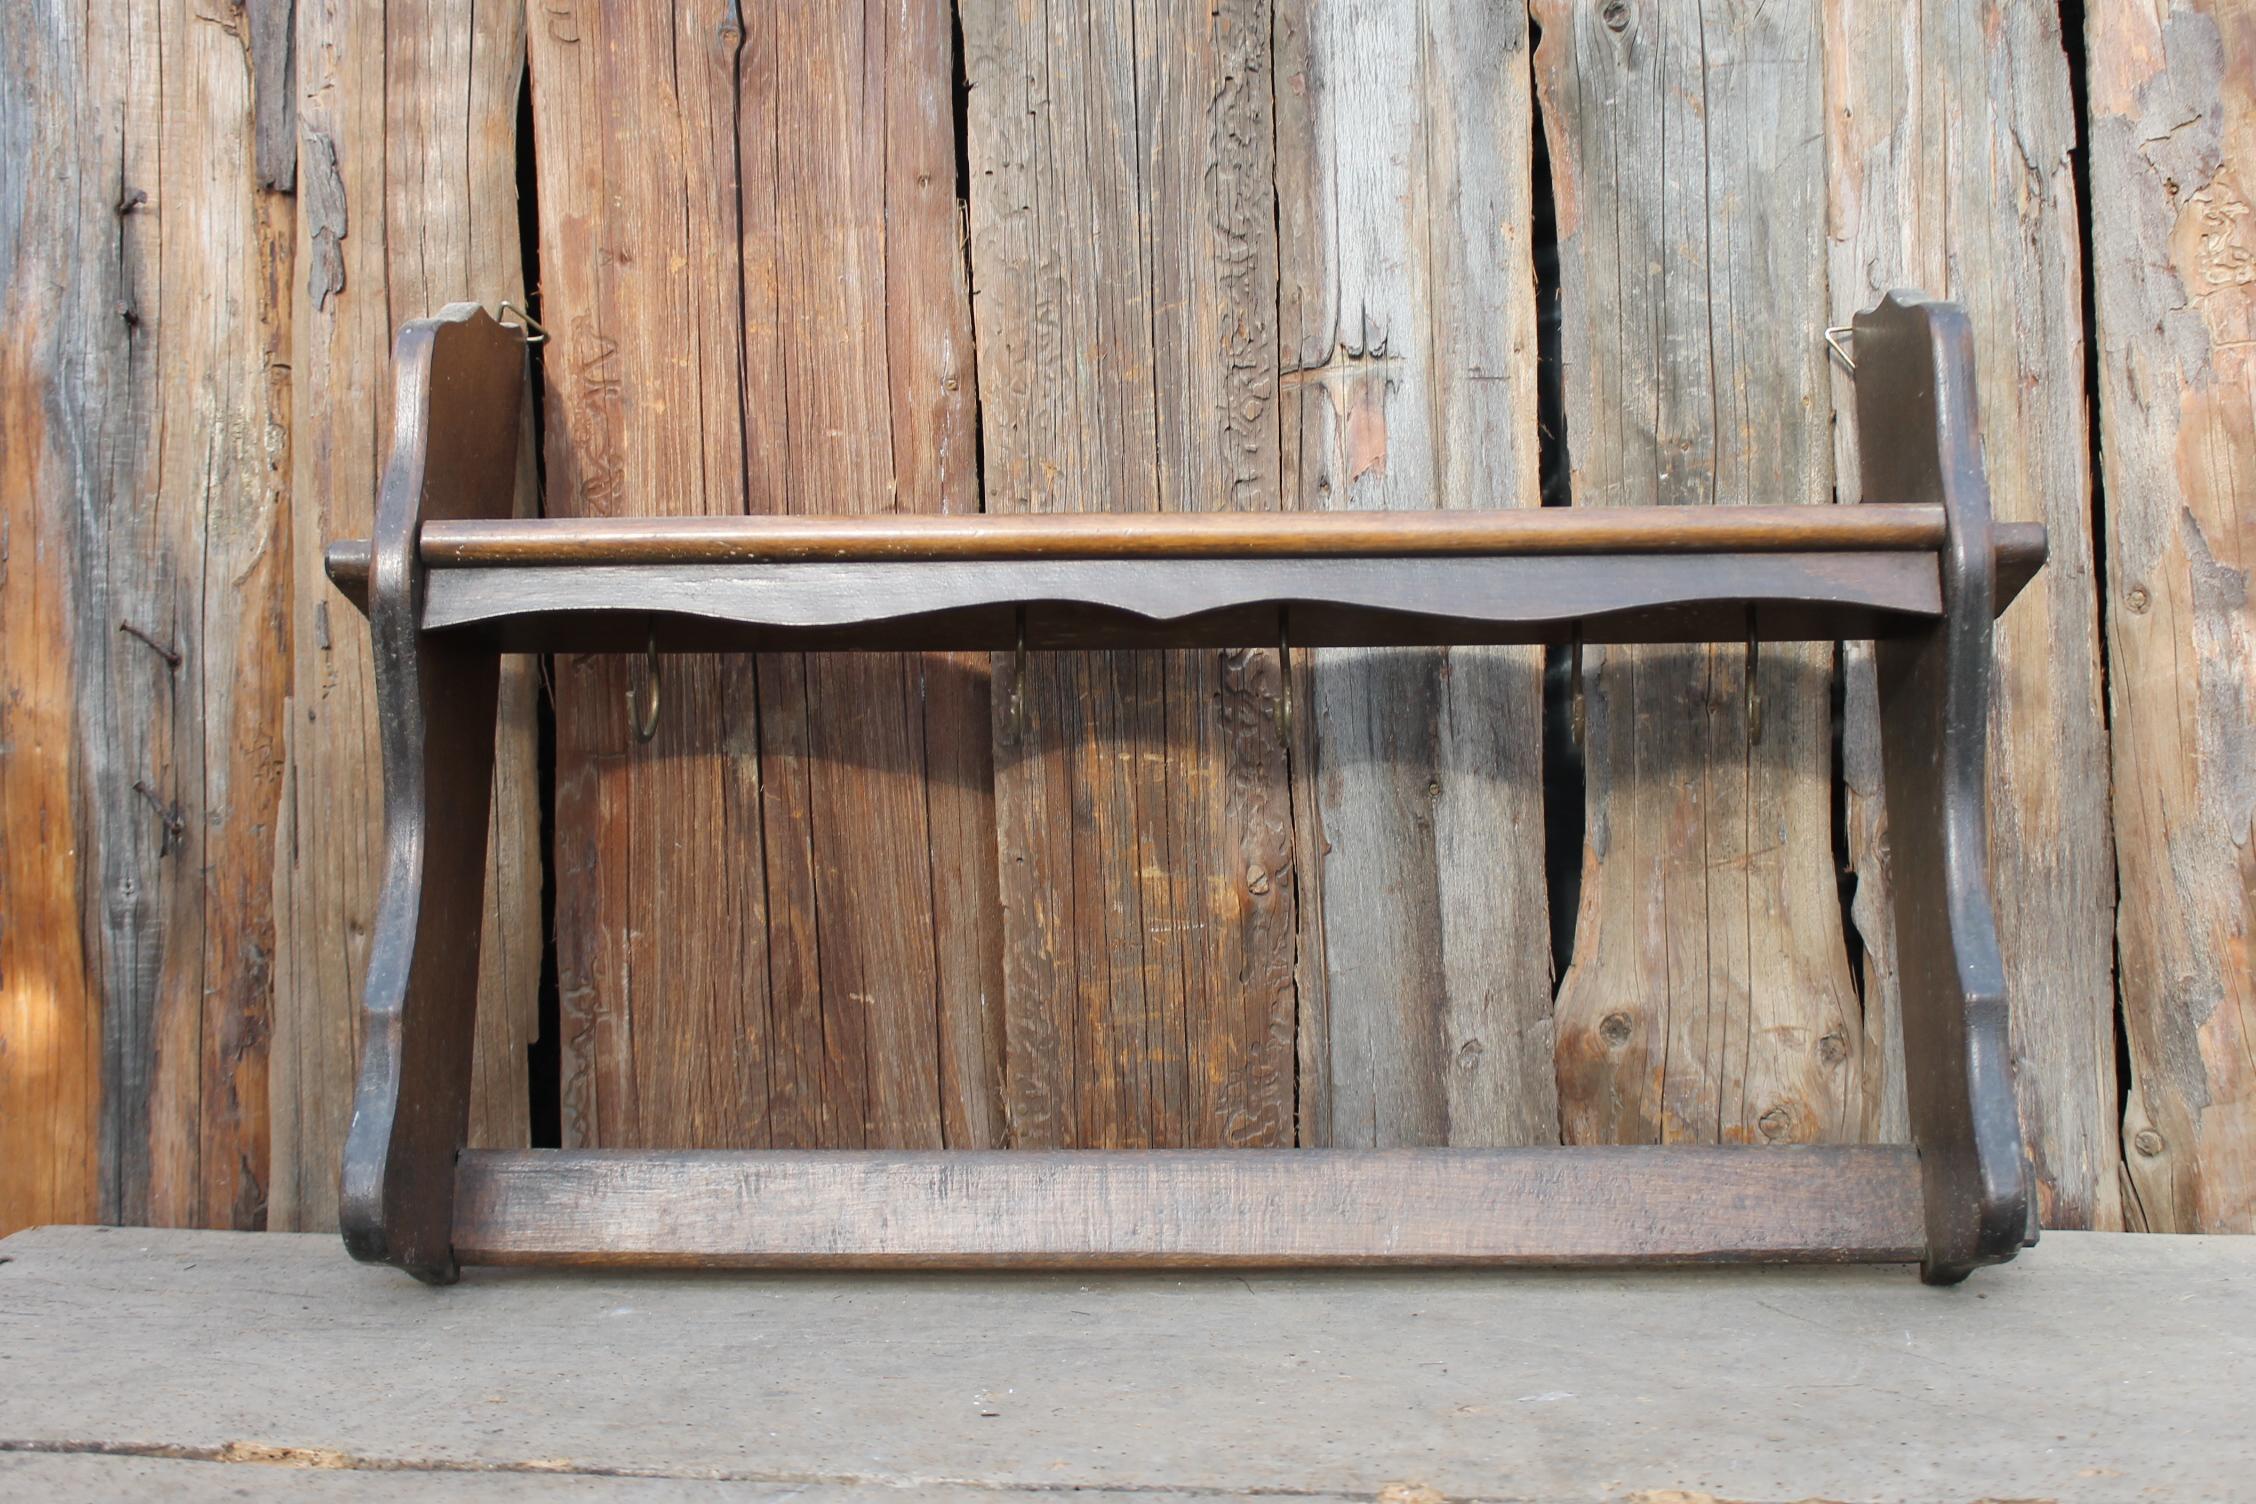 Altes Antik Regal Wandregal Hangeregal Gewurzregal Aus Holz